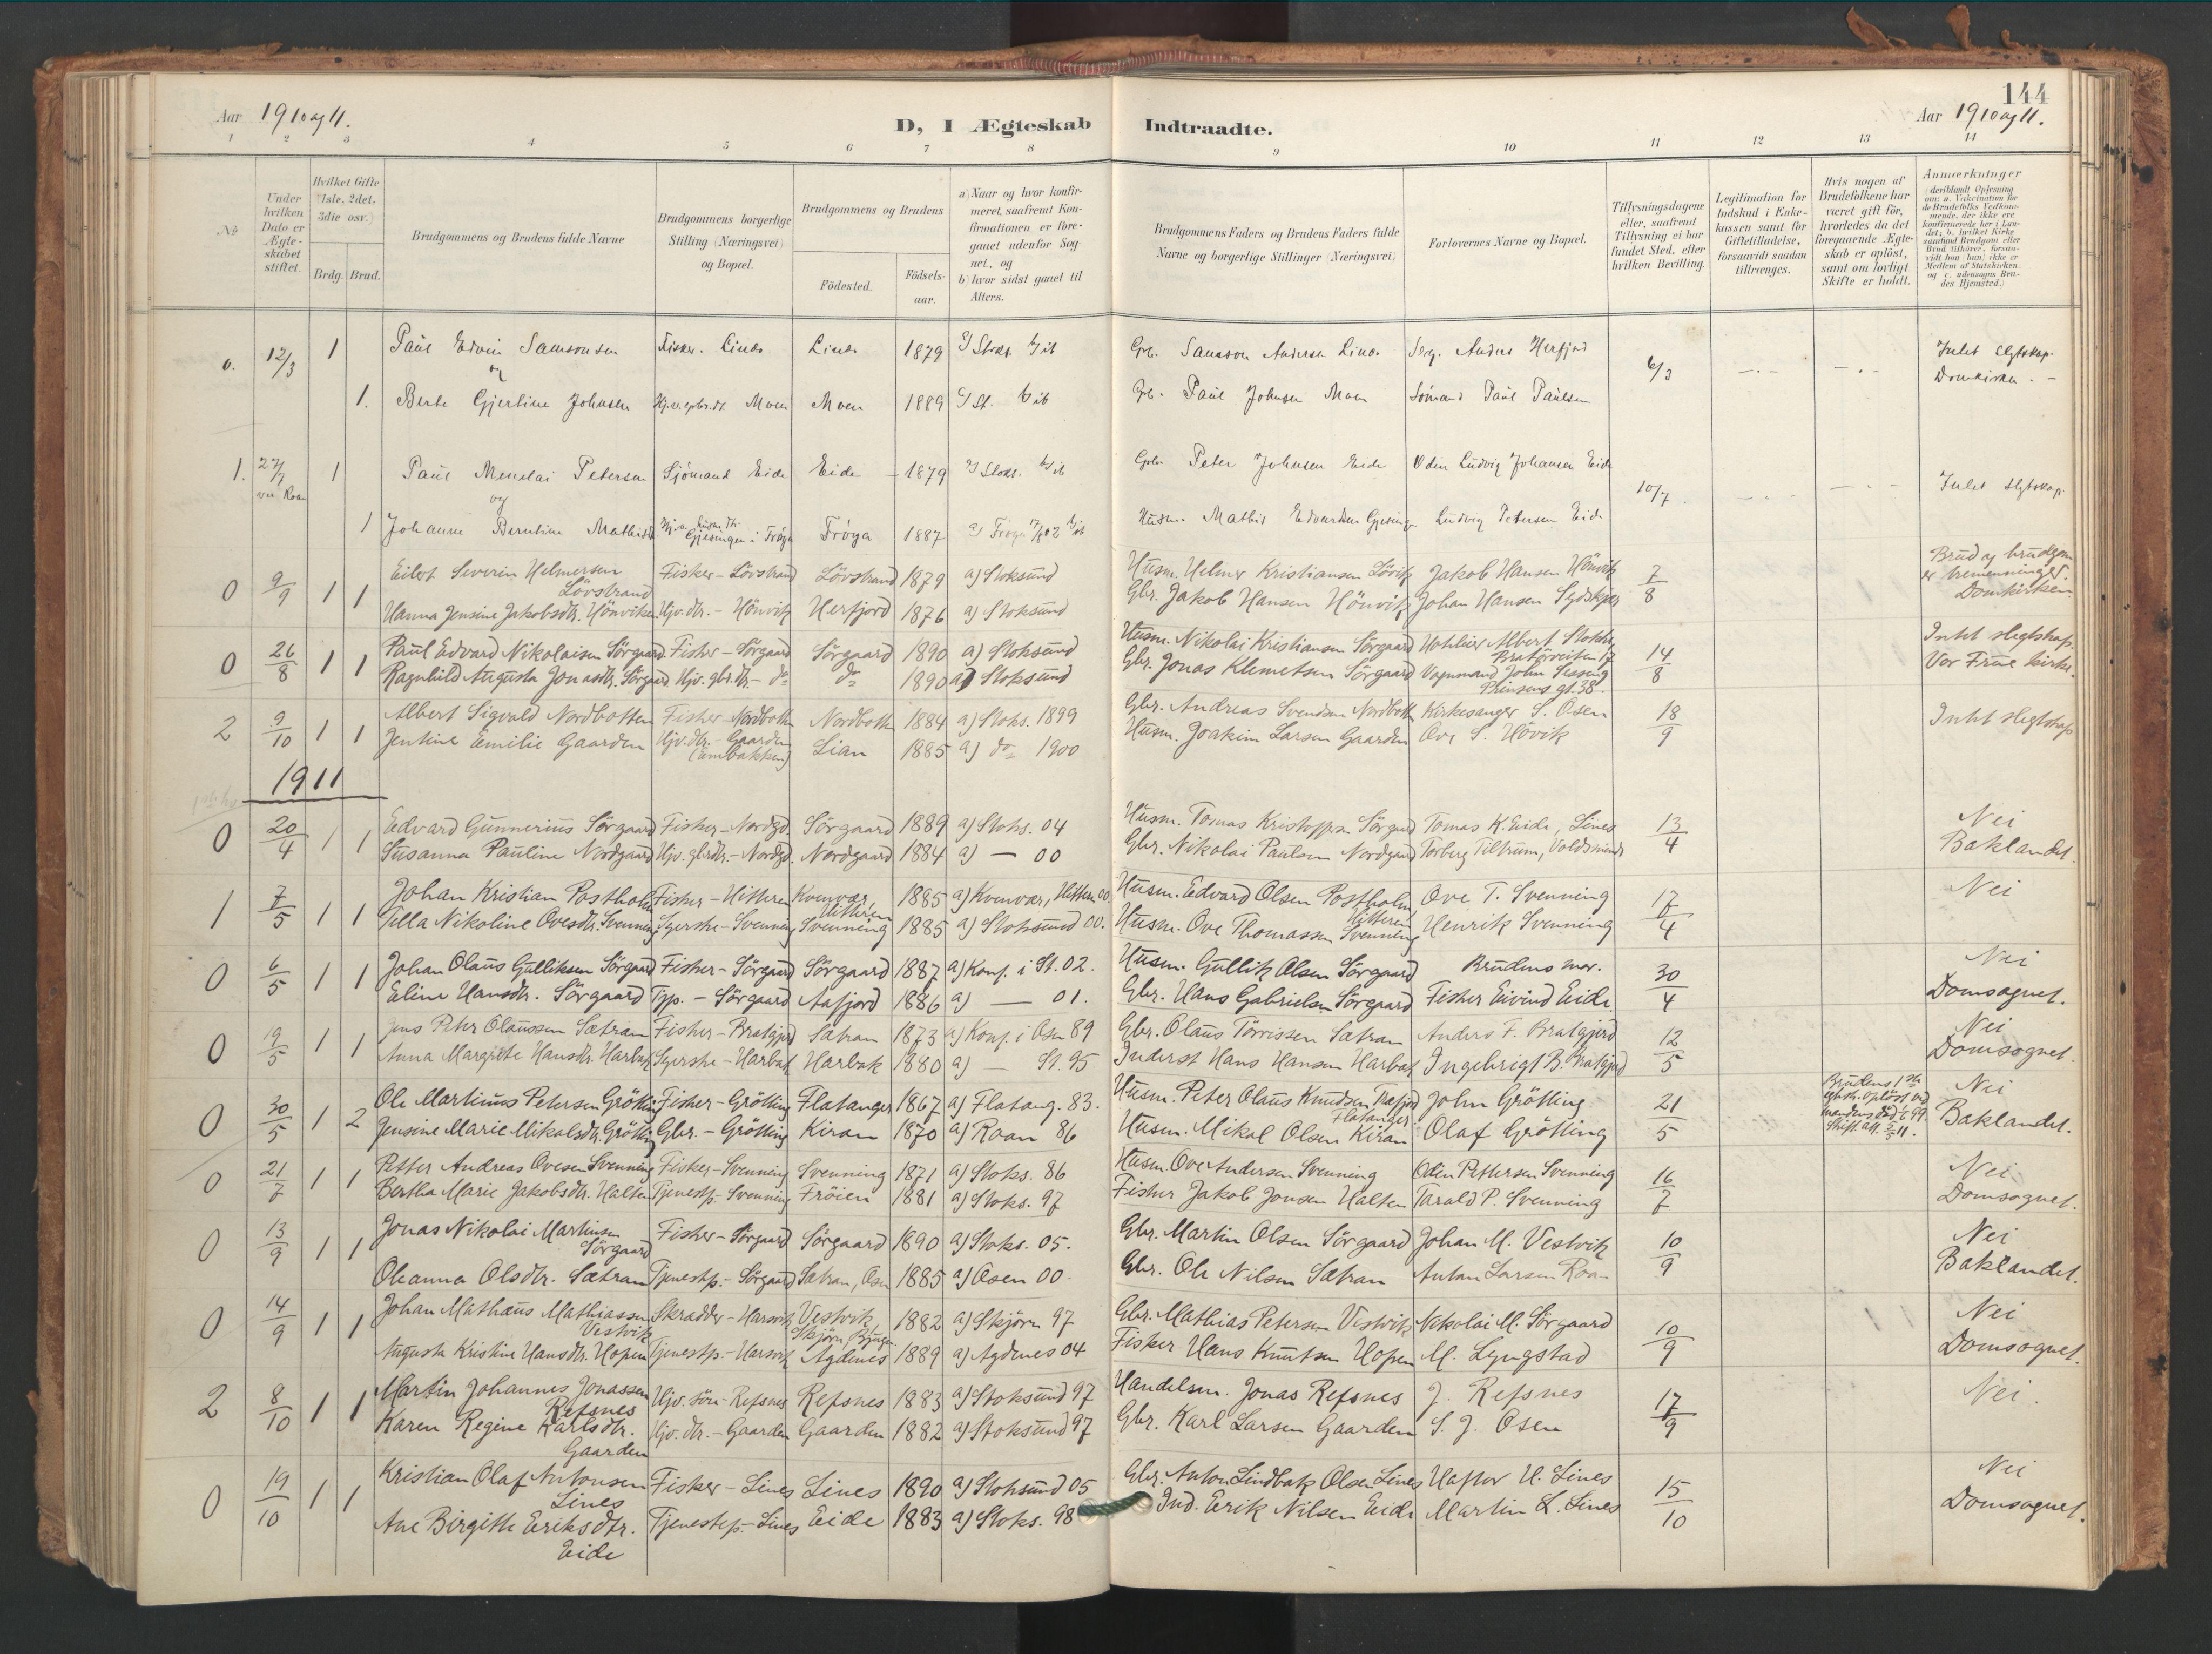 SAT, Ministerialprotokoller, klokkerbøker og fødselsregistre - Sør-Trøndelag, 656/L0693: Ministerialbok nr. 656A02, 1894-1913, s. 144